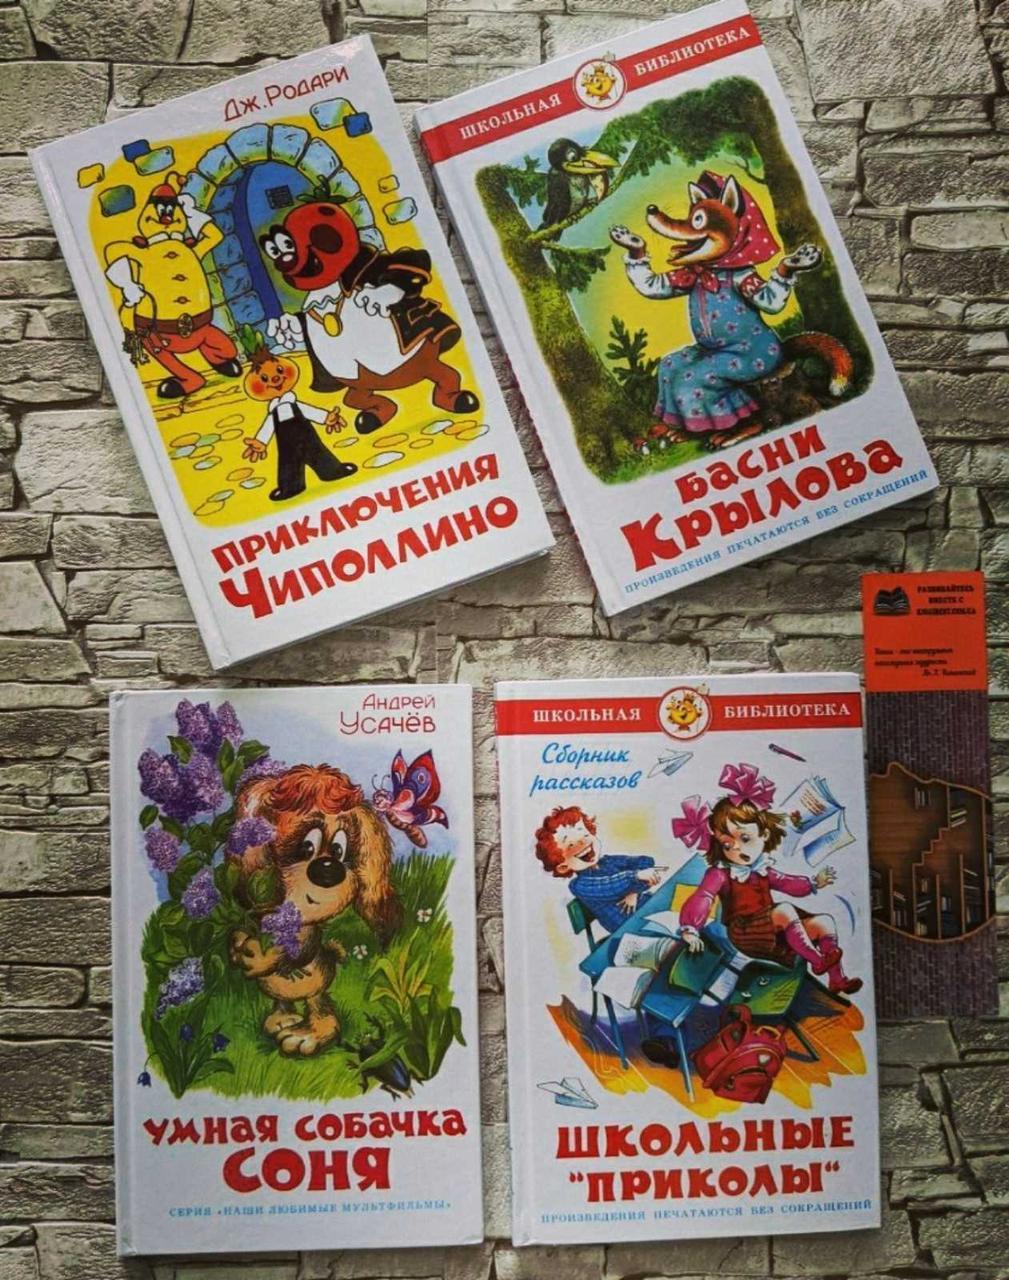 """Набор книг """"Приключения Чиполлино"""",""""Школьные приколы"""",""""Басни Крылова"""", """"Умная собачка Соня"""""""